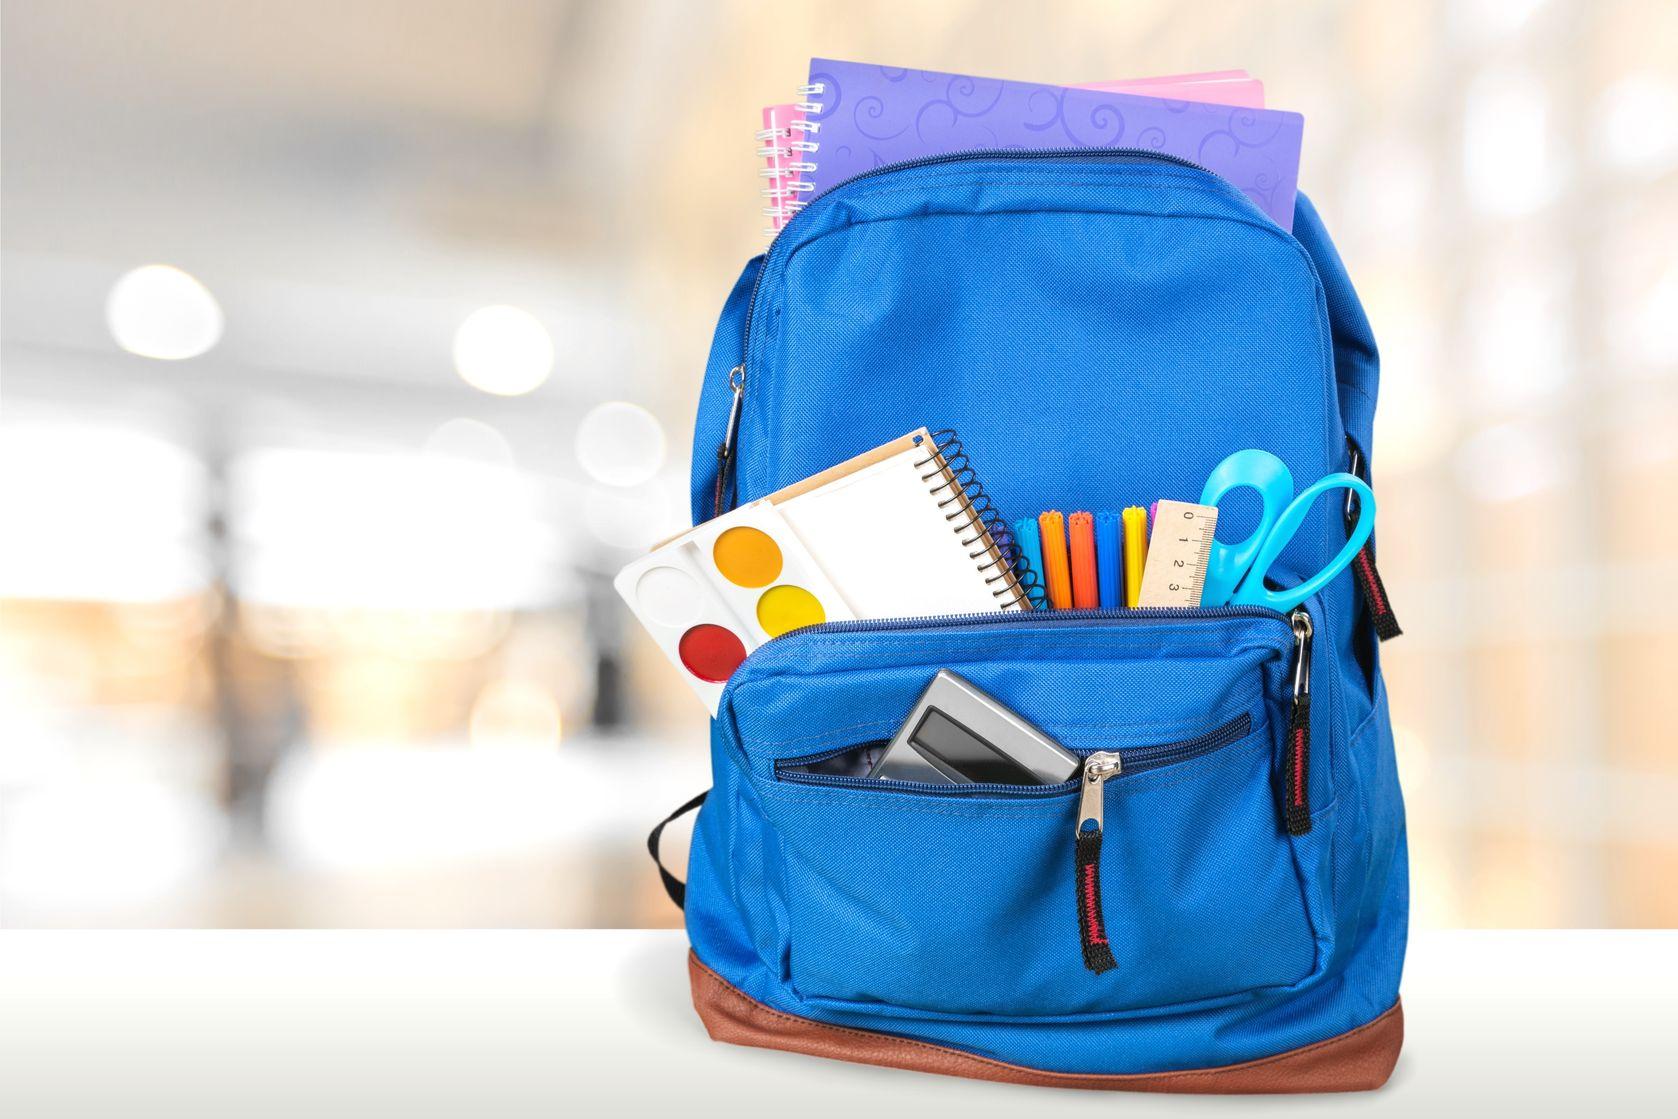 Sluiting van een school: instemmings- of adviesrecht voor de MR?